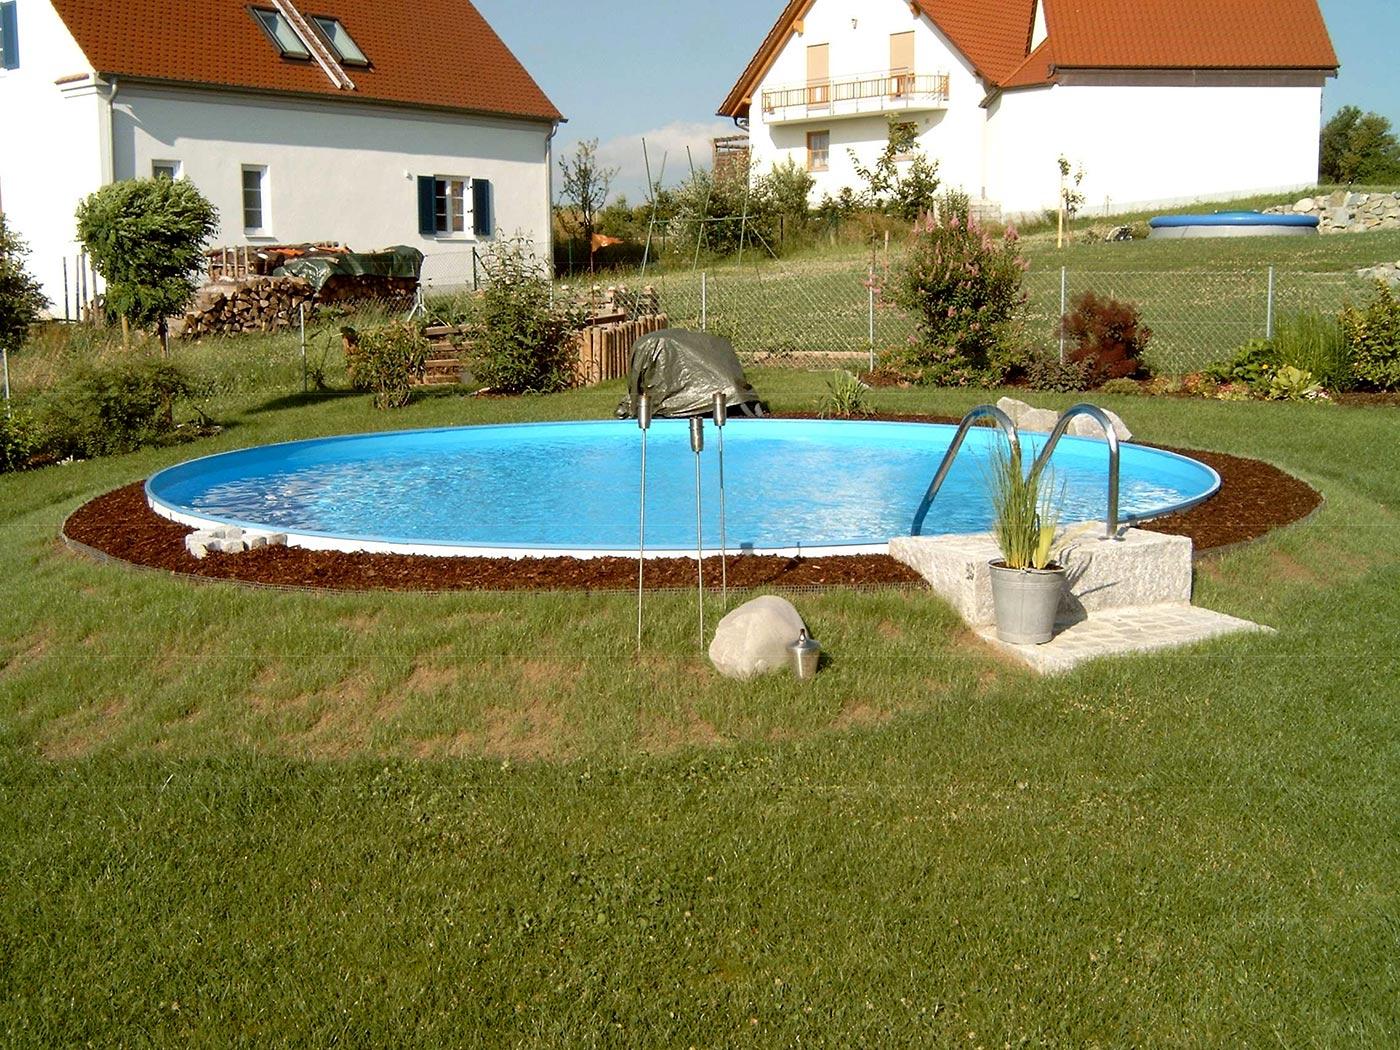 Pools stahlwandpools pool mit stahlwand - Pool mit stahlwand ...